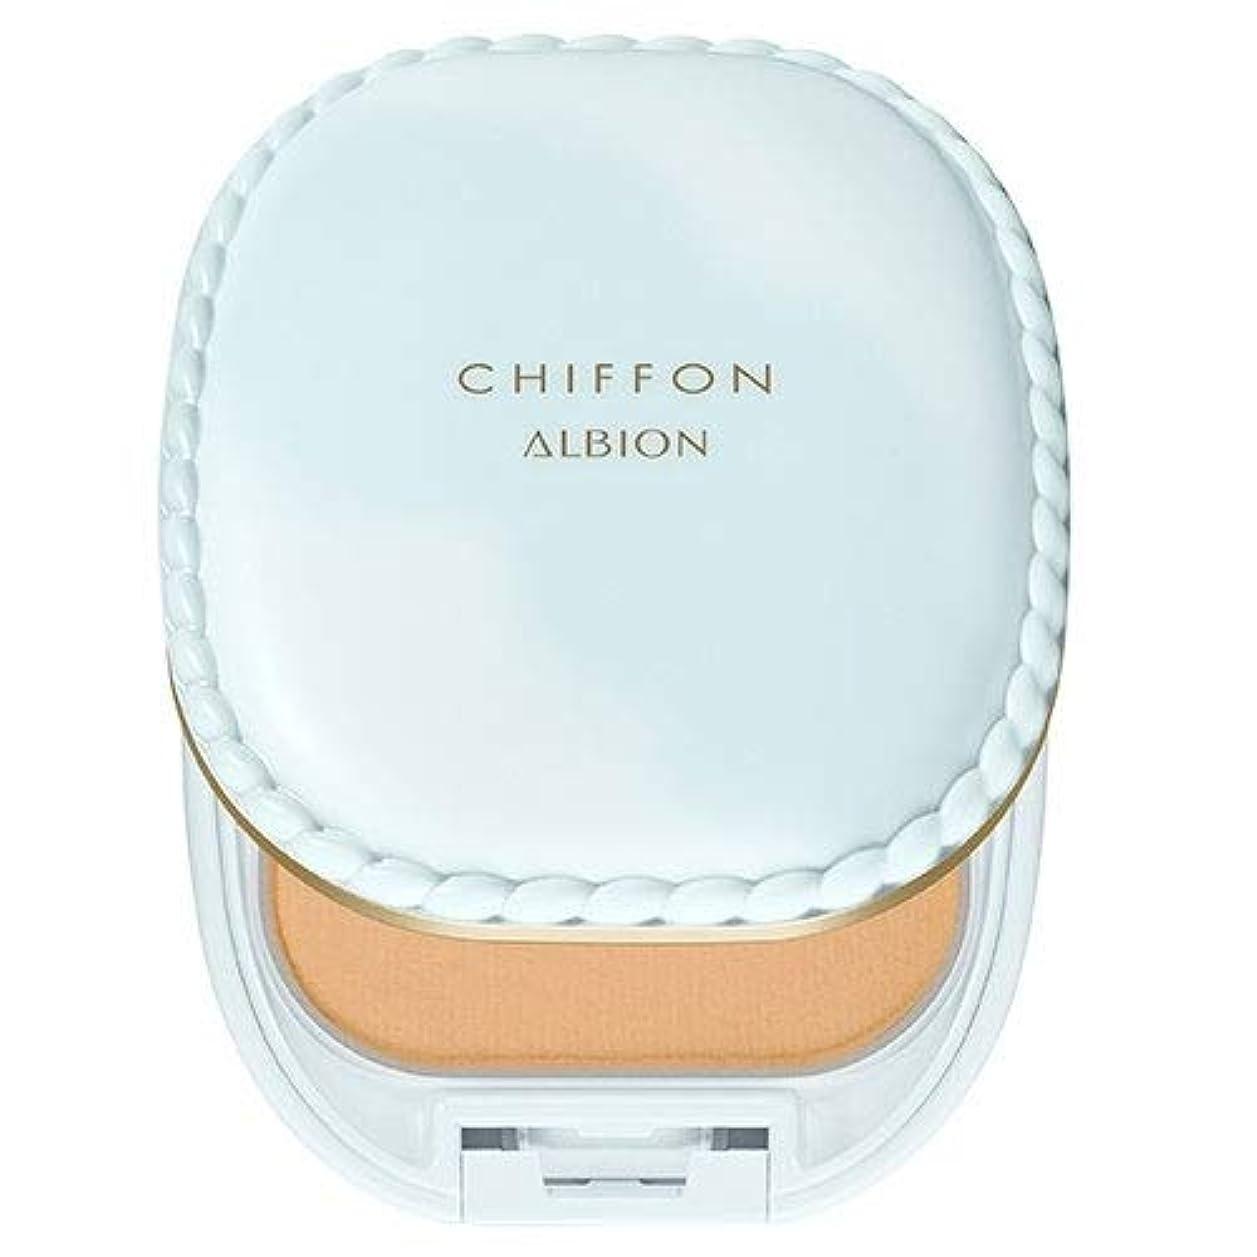 言及するばかブーストアルビオン スノー ホワイト シフォン (パフ付ケースのみ) -ALBION-